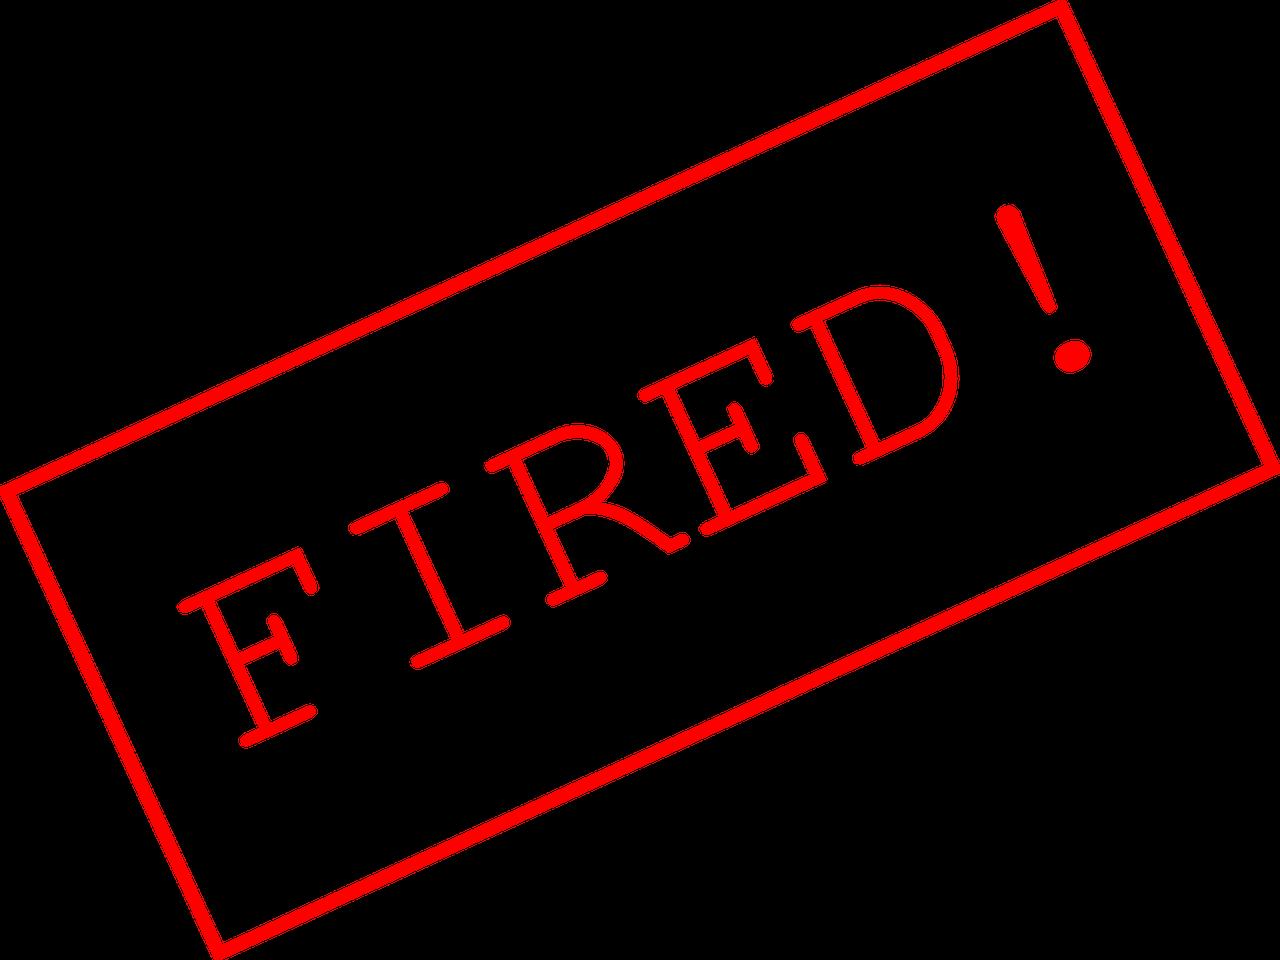 Licenziamento illegittimo del lavoratore: i termini per impugnarlo